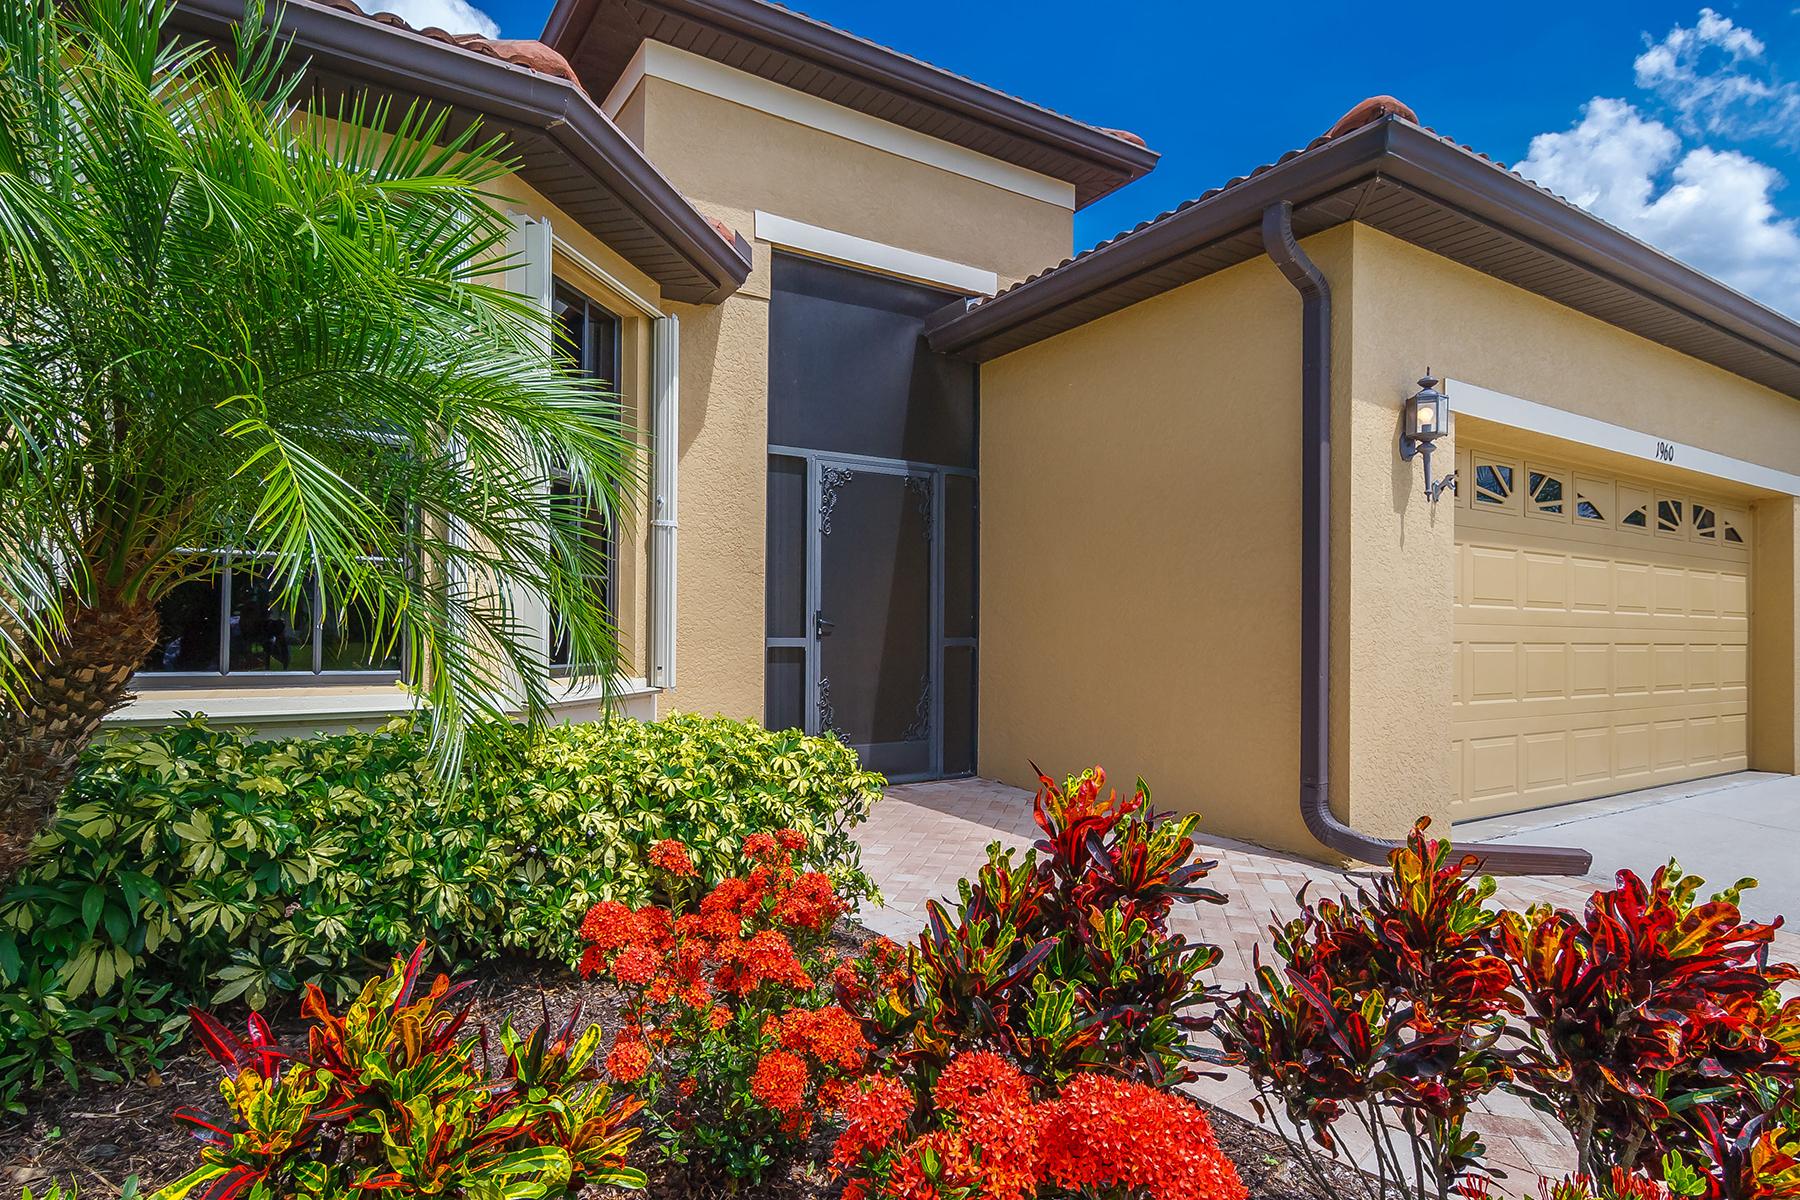 Частный односемейный дом для того Продажа на VENETIAN FALLS 1960 Batello Dr Venice, Флорида, 34292 Соединенные Штаты